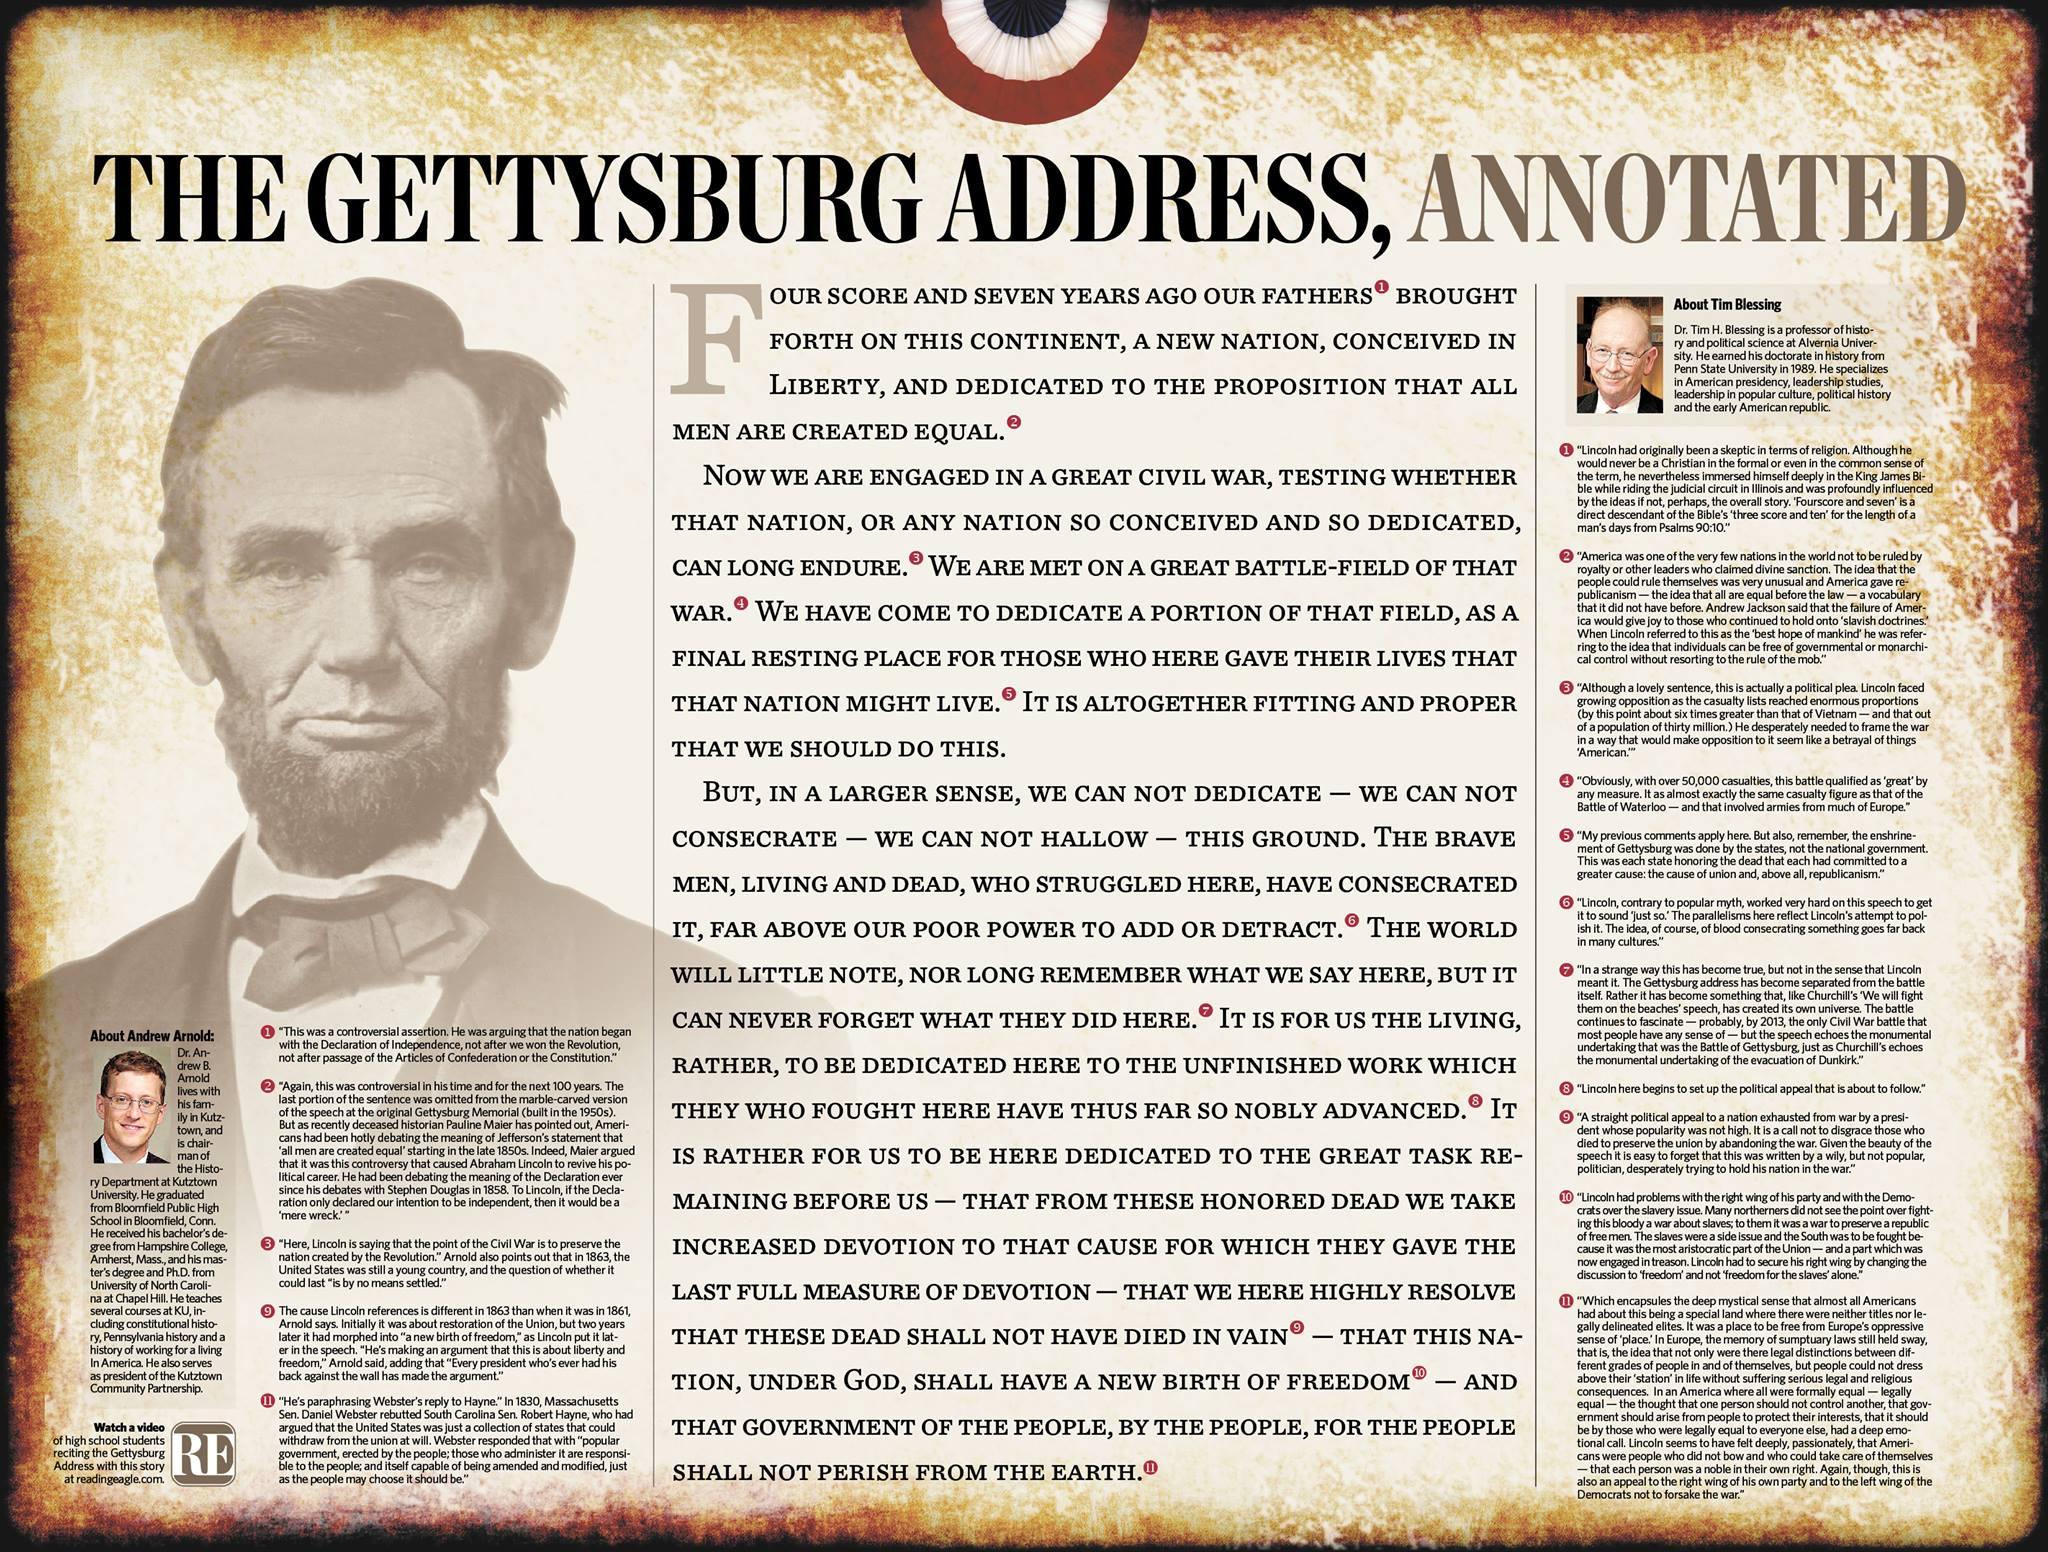 Annotated Gettysburg Address